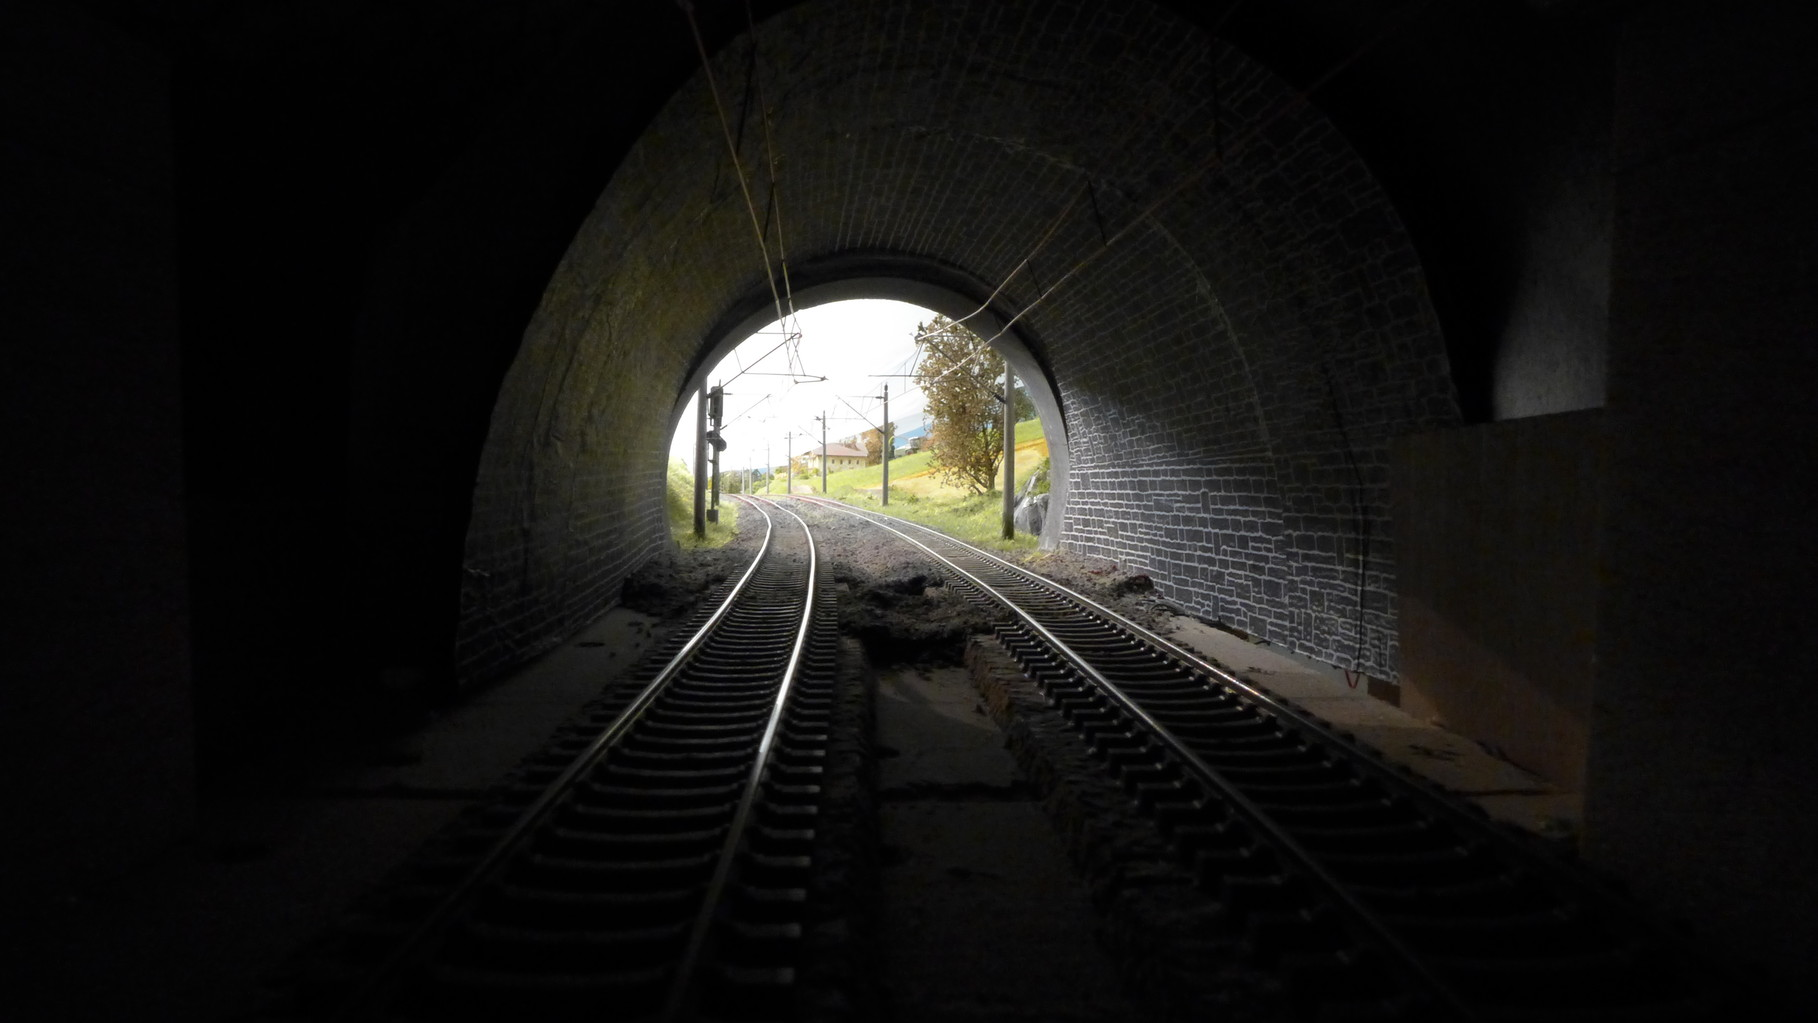 Tunnelausfahrt zur Neubaustrecke (Schnellfahrstrecke)